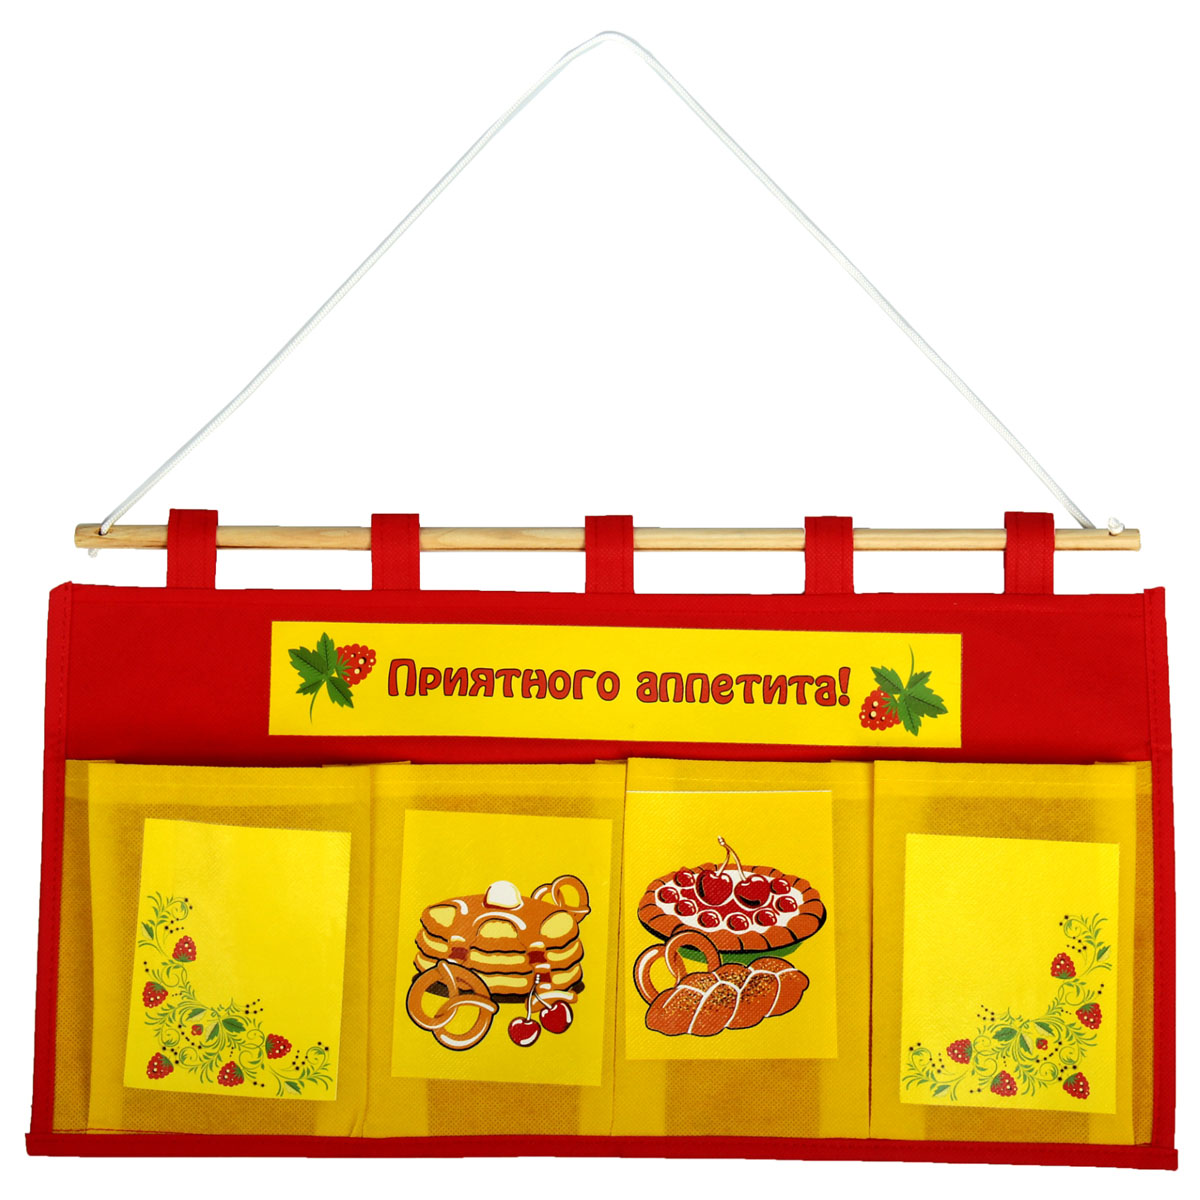 Кармашки на стену Sima-land «Приятного аппетита!», изготовленные из текстиля, предназначены для хранения необходимых вещей, множества мелочей в гардеробной, ванной, детской комнатах. Изделие представляет собой текстильное полотно с четырьмя пришитыми кармашками. Благодаря деревянной планке и шнурку, кармашки можно подвесить на стену или дверь в необходимом для вас месте. Кармашки декорированы изображениями булок, пирога, кренделей и надписью «Приятного аппетита!».Этот нужный предмет может стать одновременно и декоративным элементом комнаты. Яркий дизайн, как ничто иное, способен оживить интерьер вашего дома.